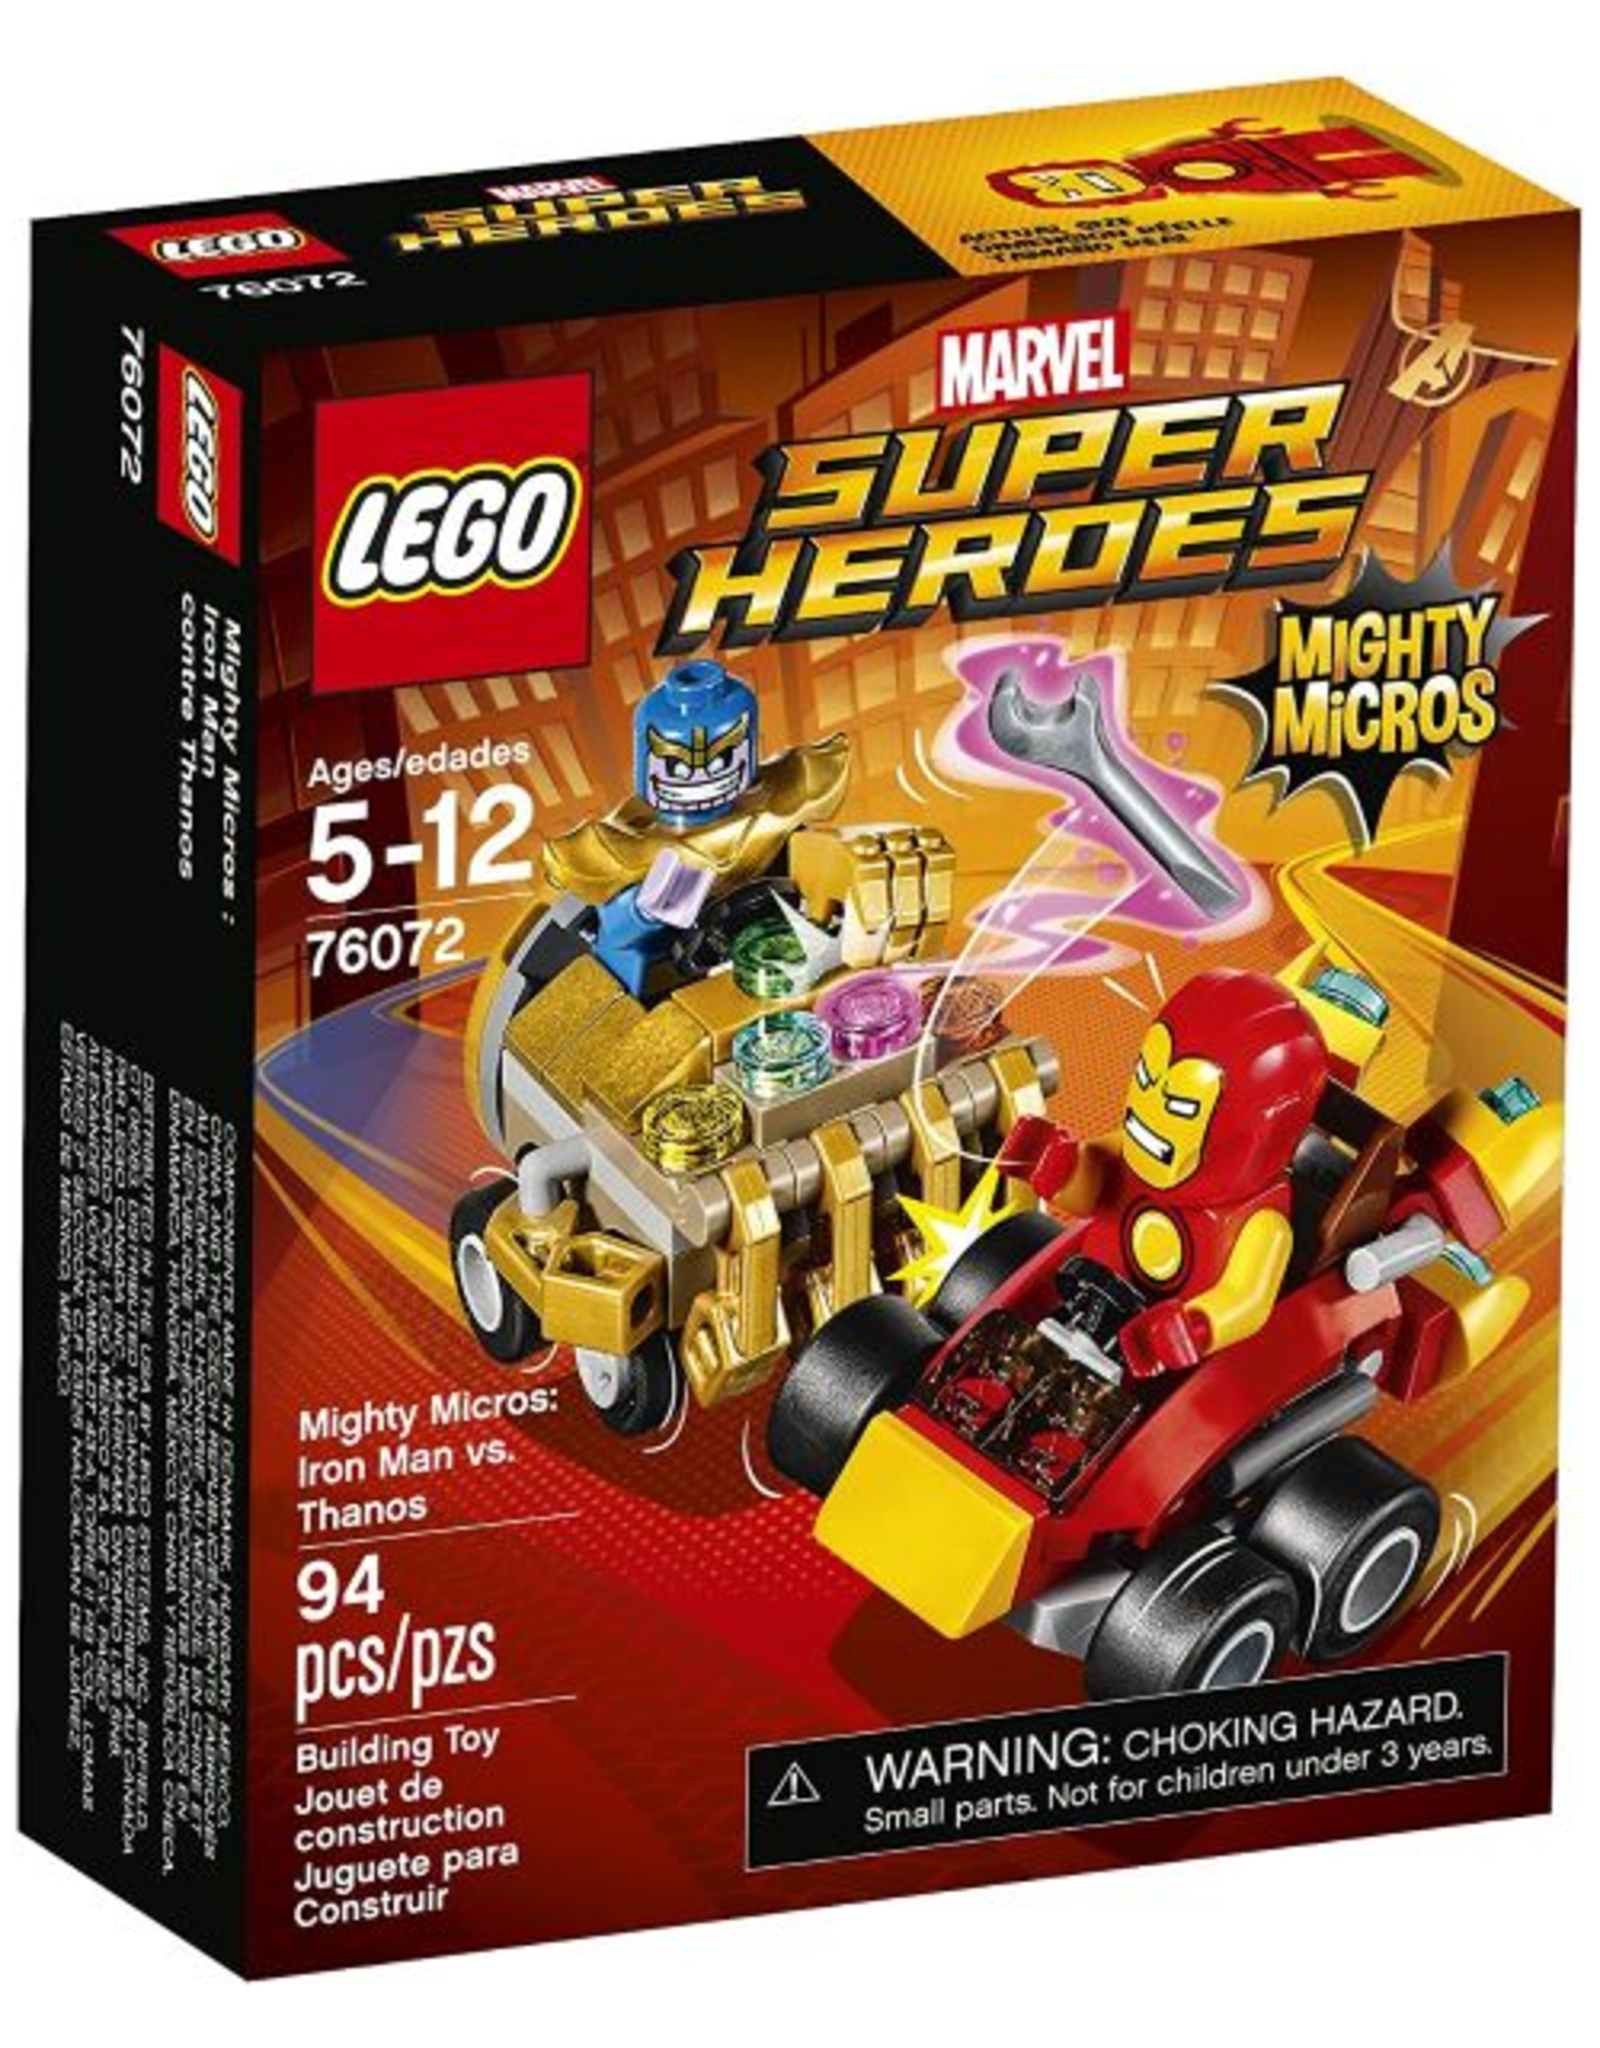 Lego Iron Man vs Thanos